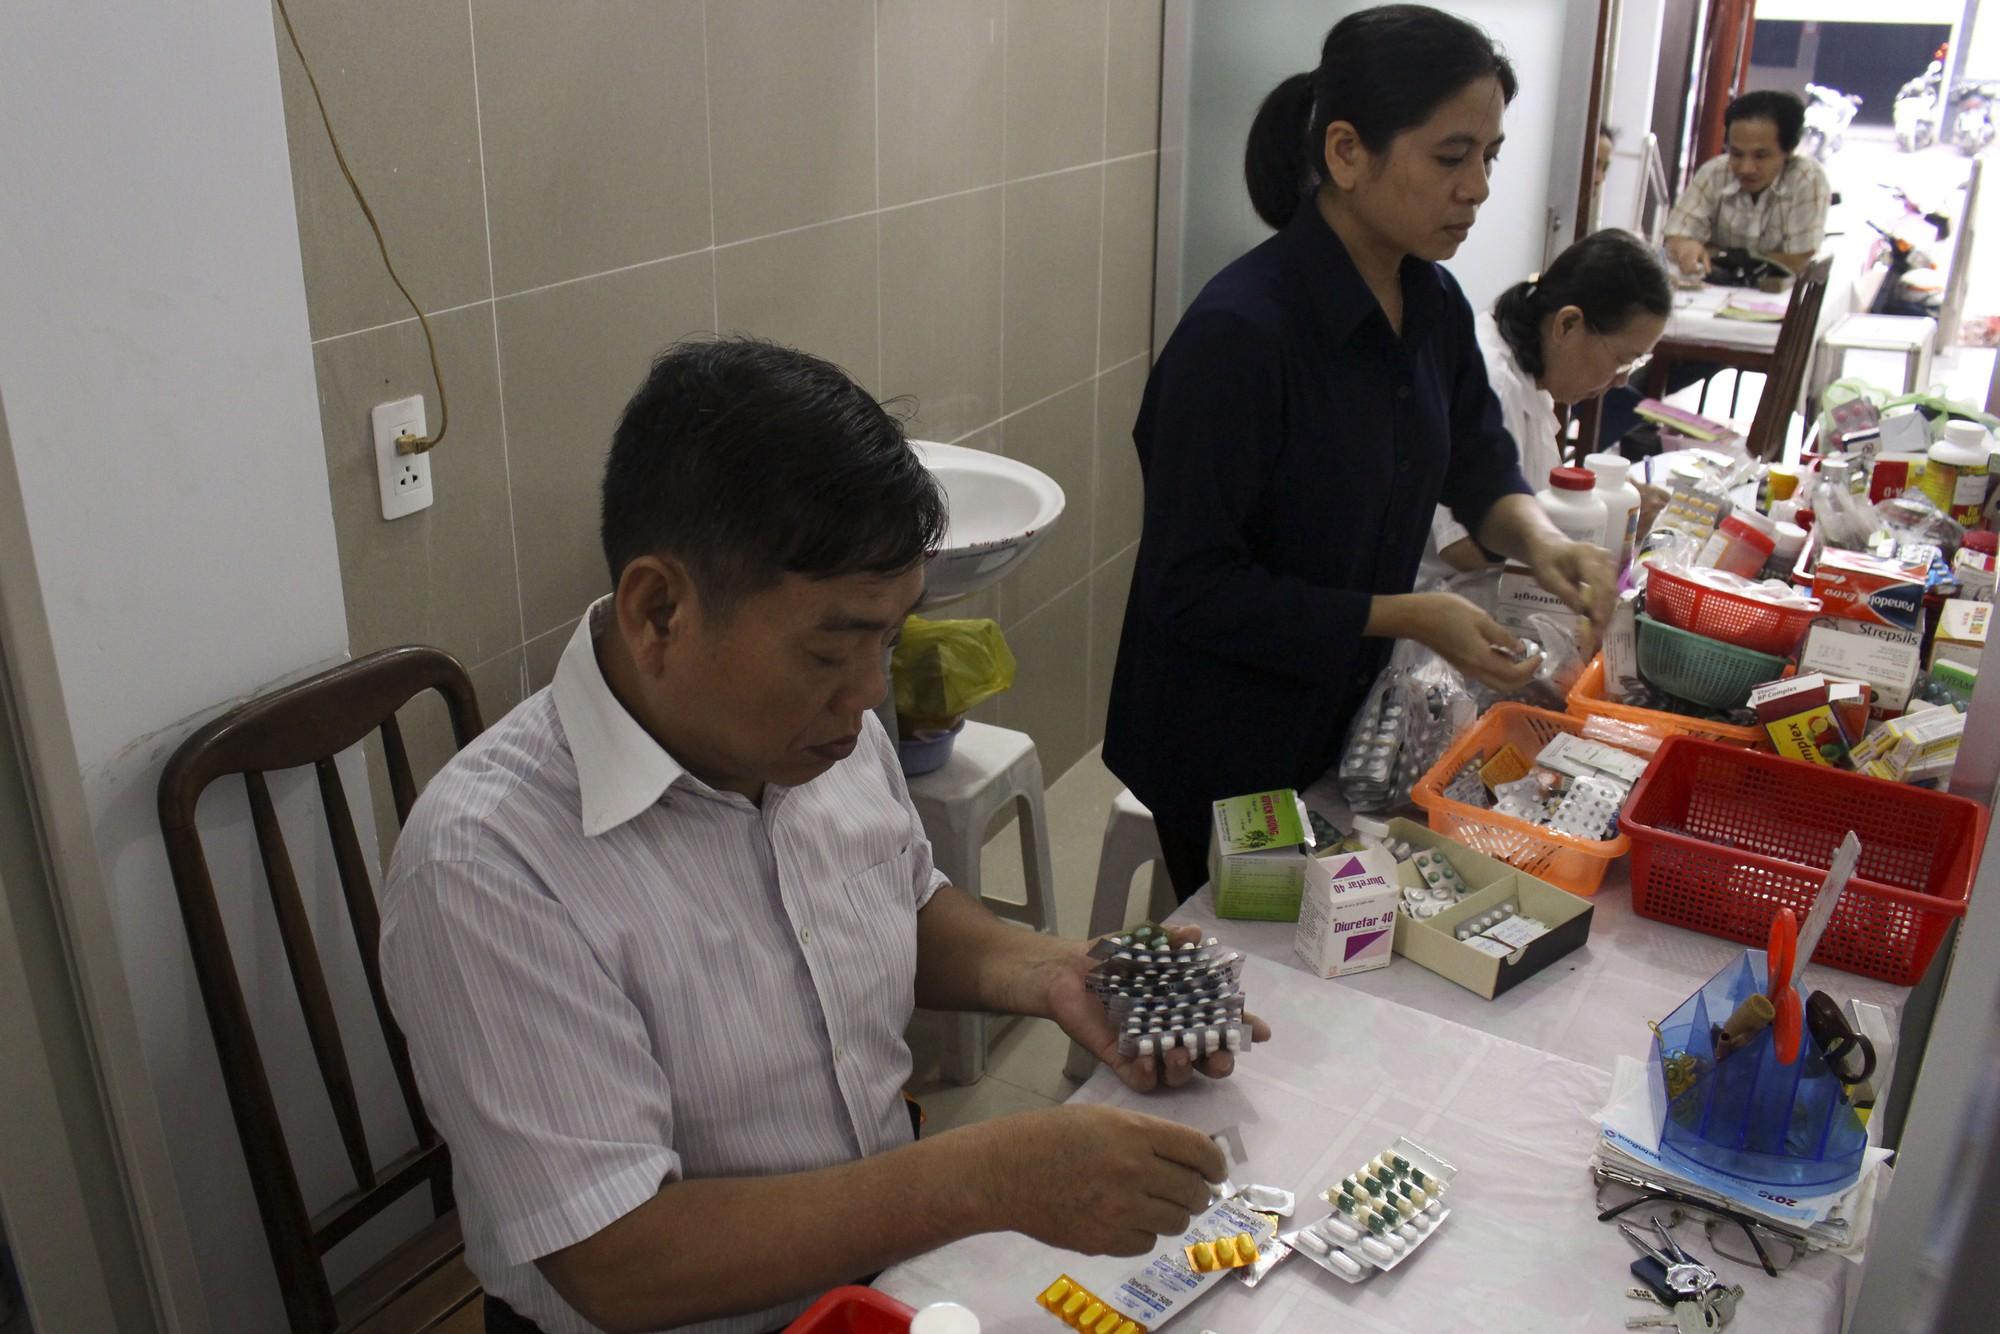 Bác sĩ 80 tuổi cống hiến 20 năm sức già khám chữa bệnh miễn phí cho bệnh nhân nghèo - Ảnh 6.